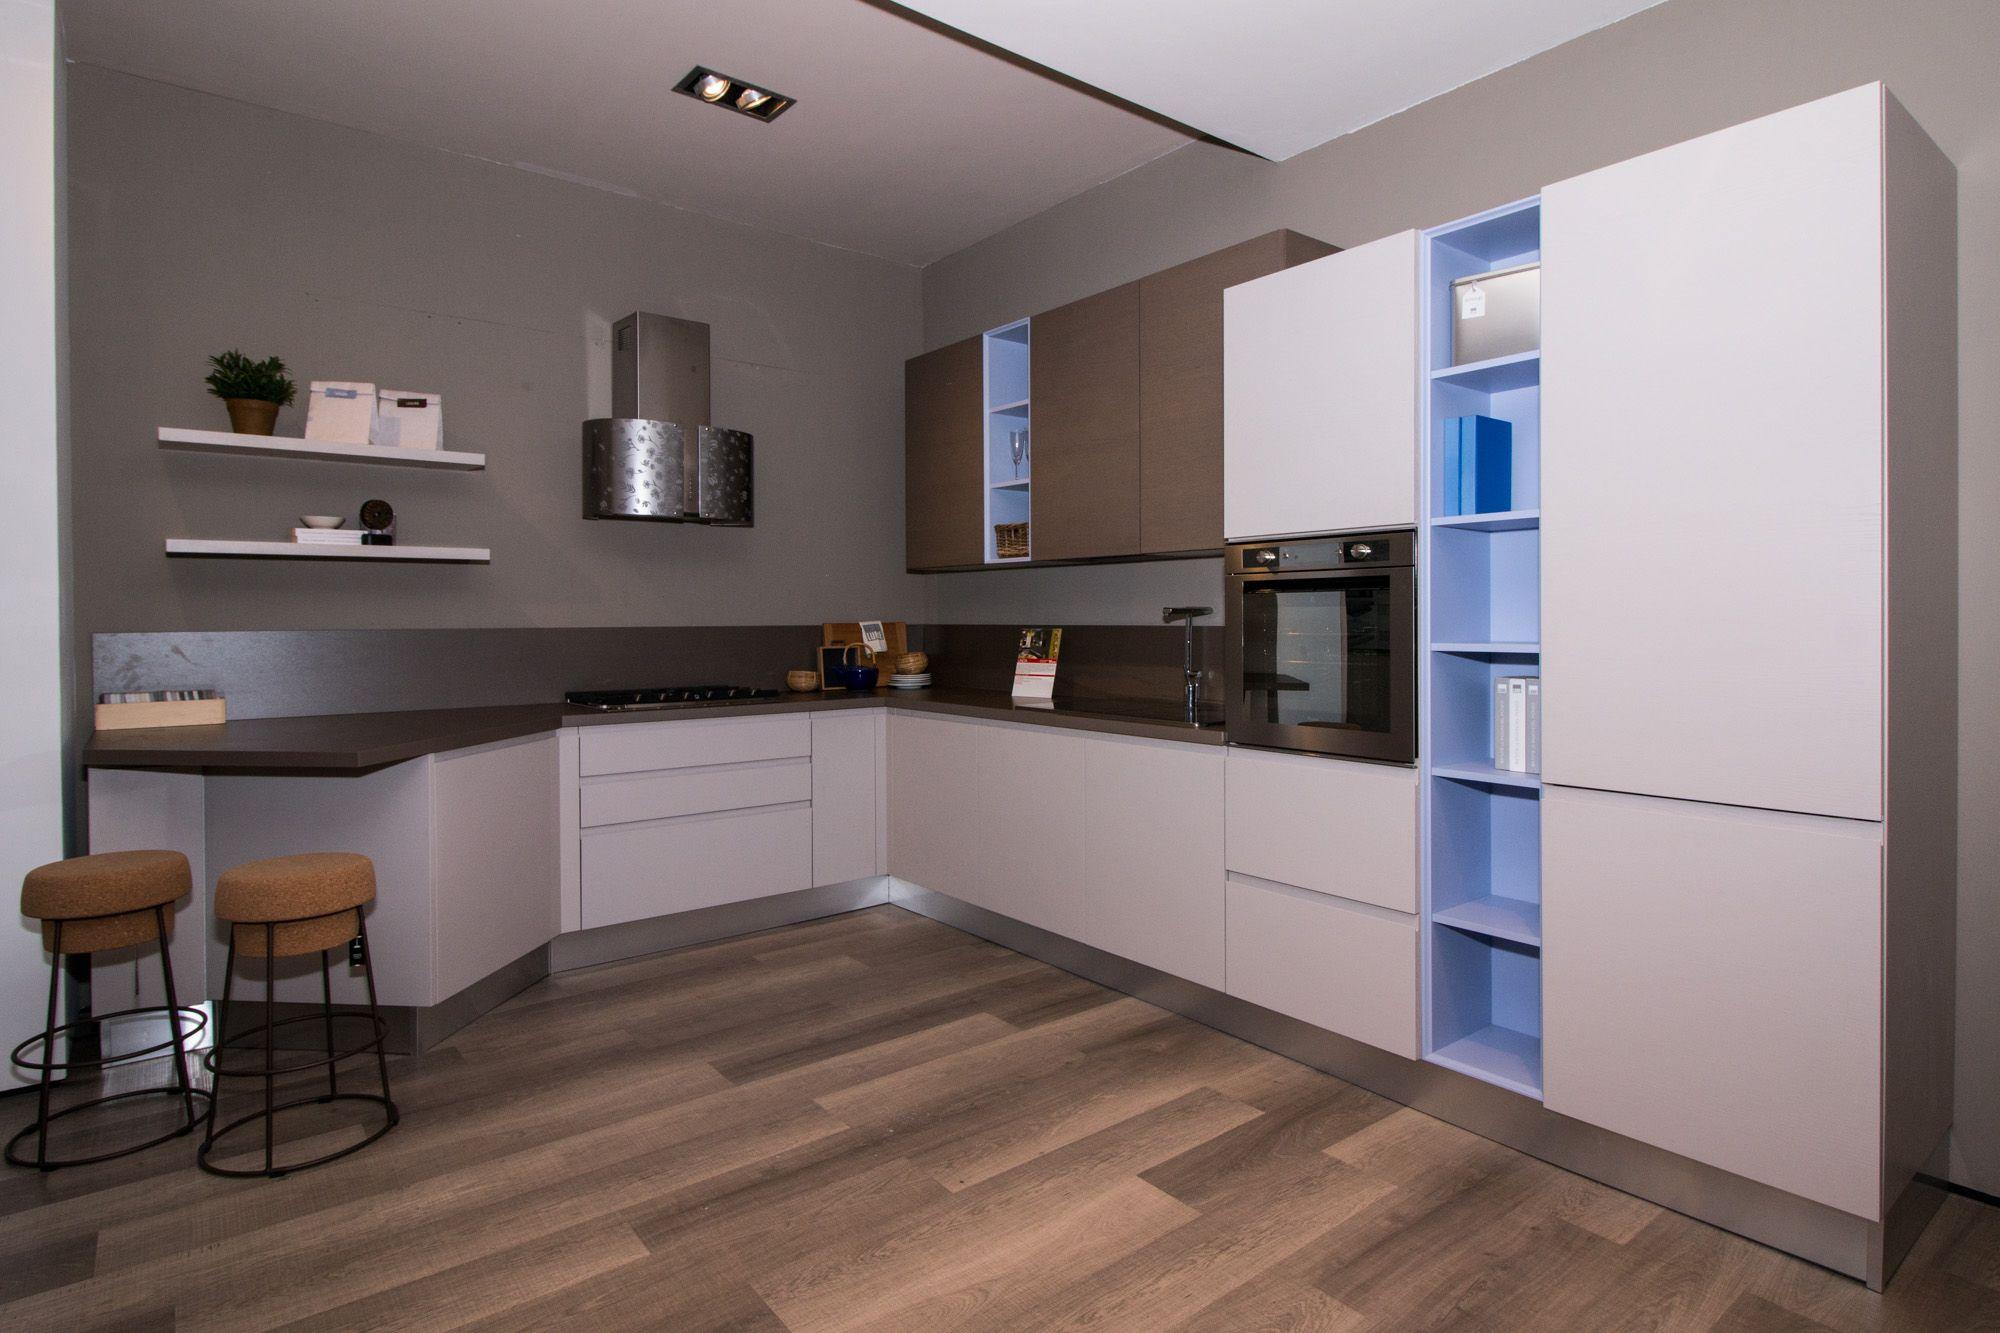 Cucine Moderne Lube 2020.Linda Cucina Lube Moderna In Esposizione Presso Il Nostro